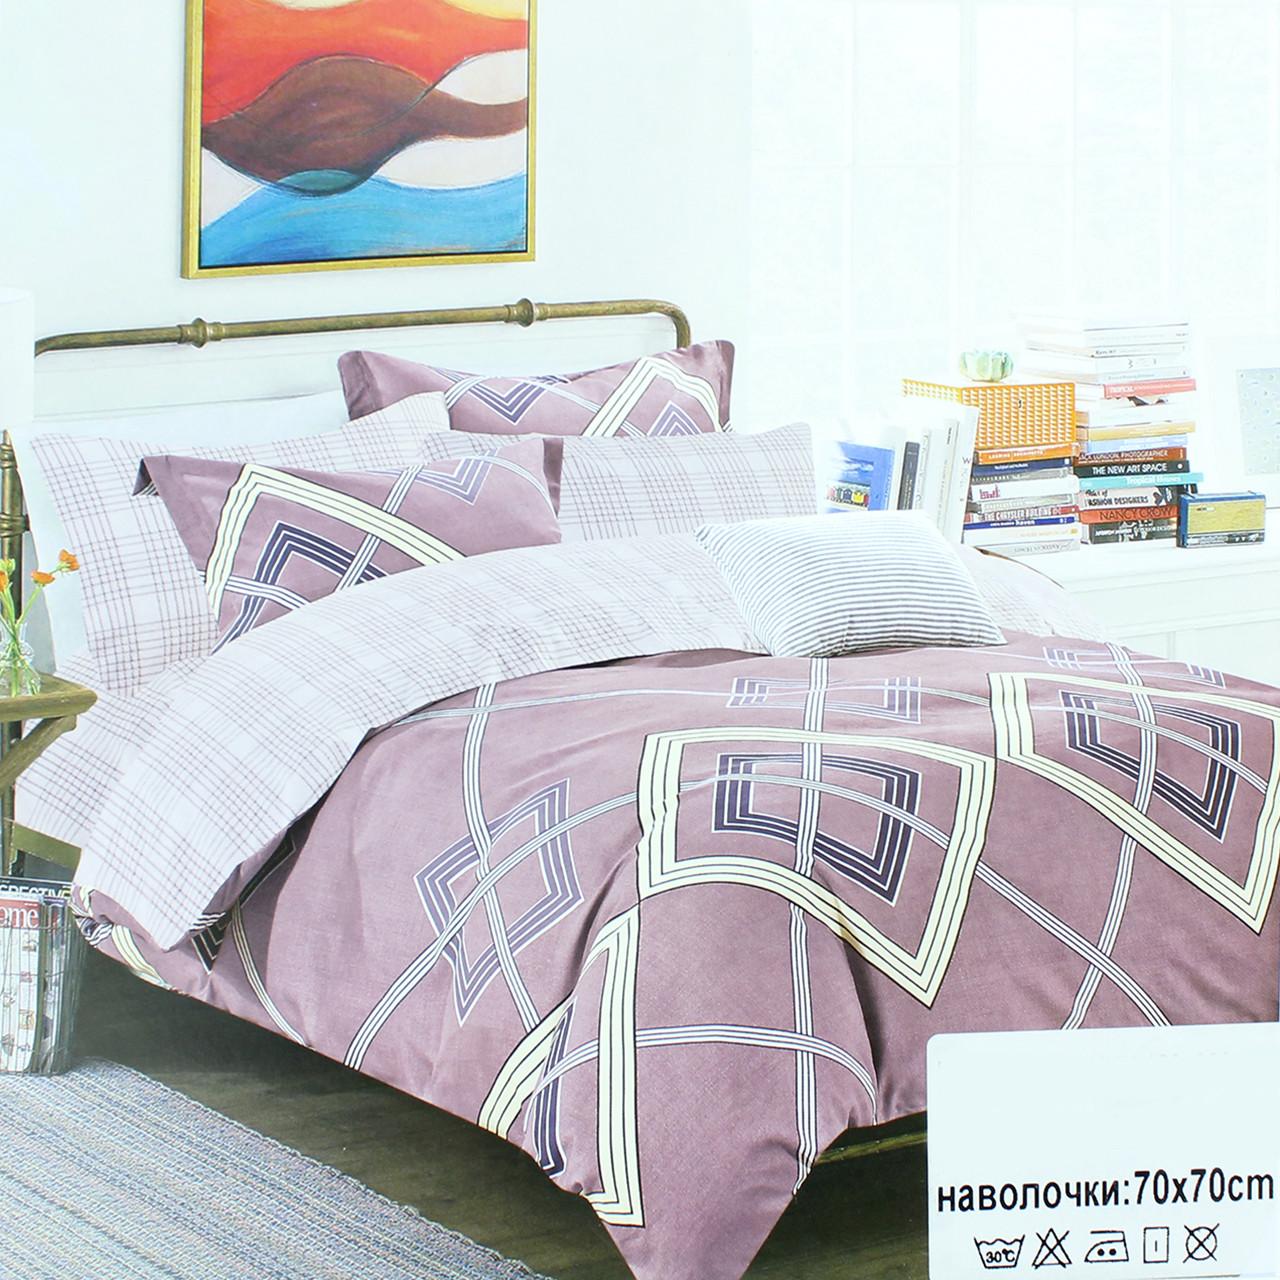 Комплект постельного белья Ромбы, двуспальный постельный комплект с ромбами, Koloco